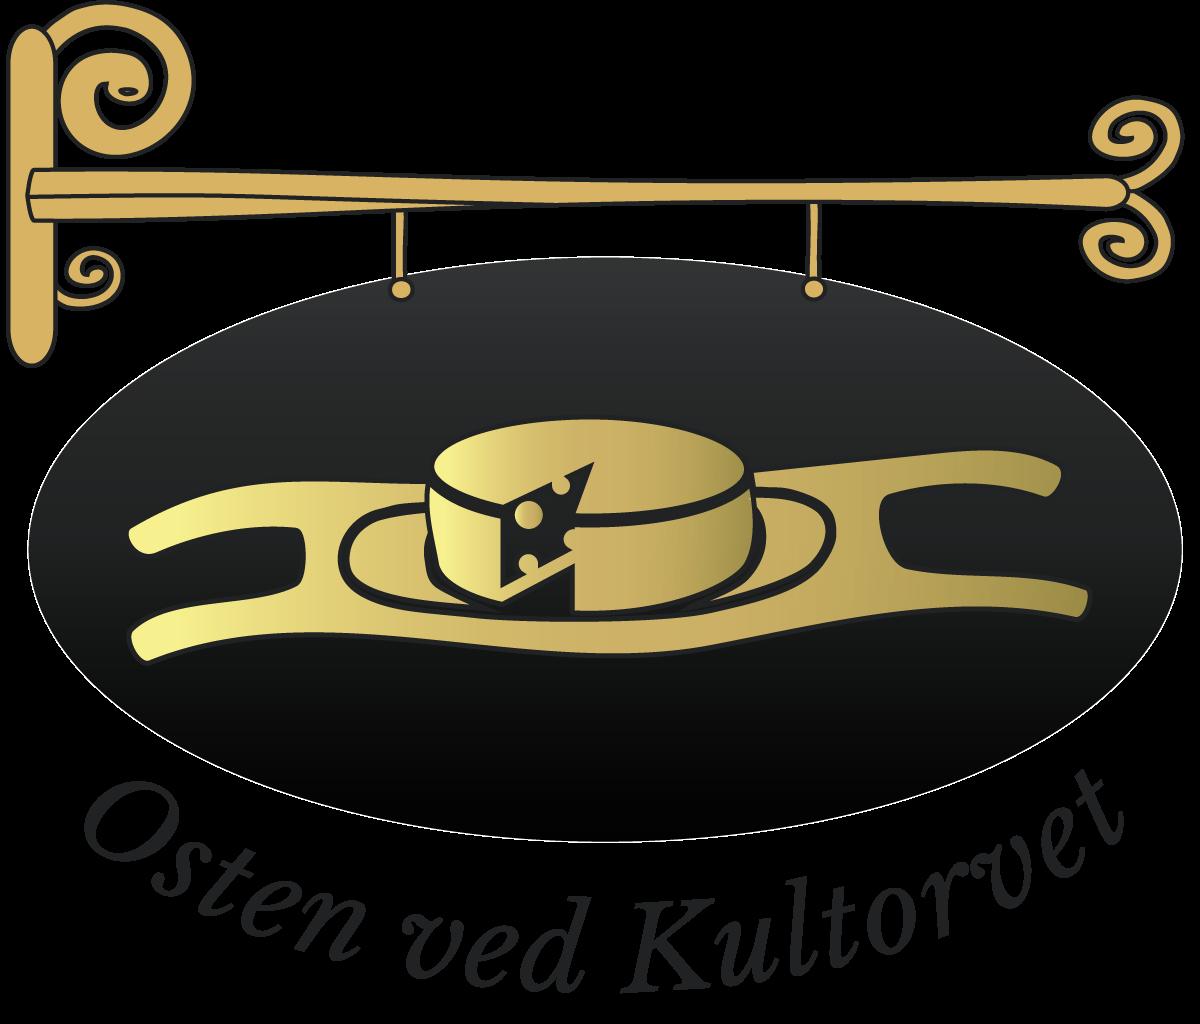 hvid-bg---Logo-OVK-2020